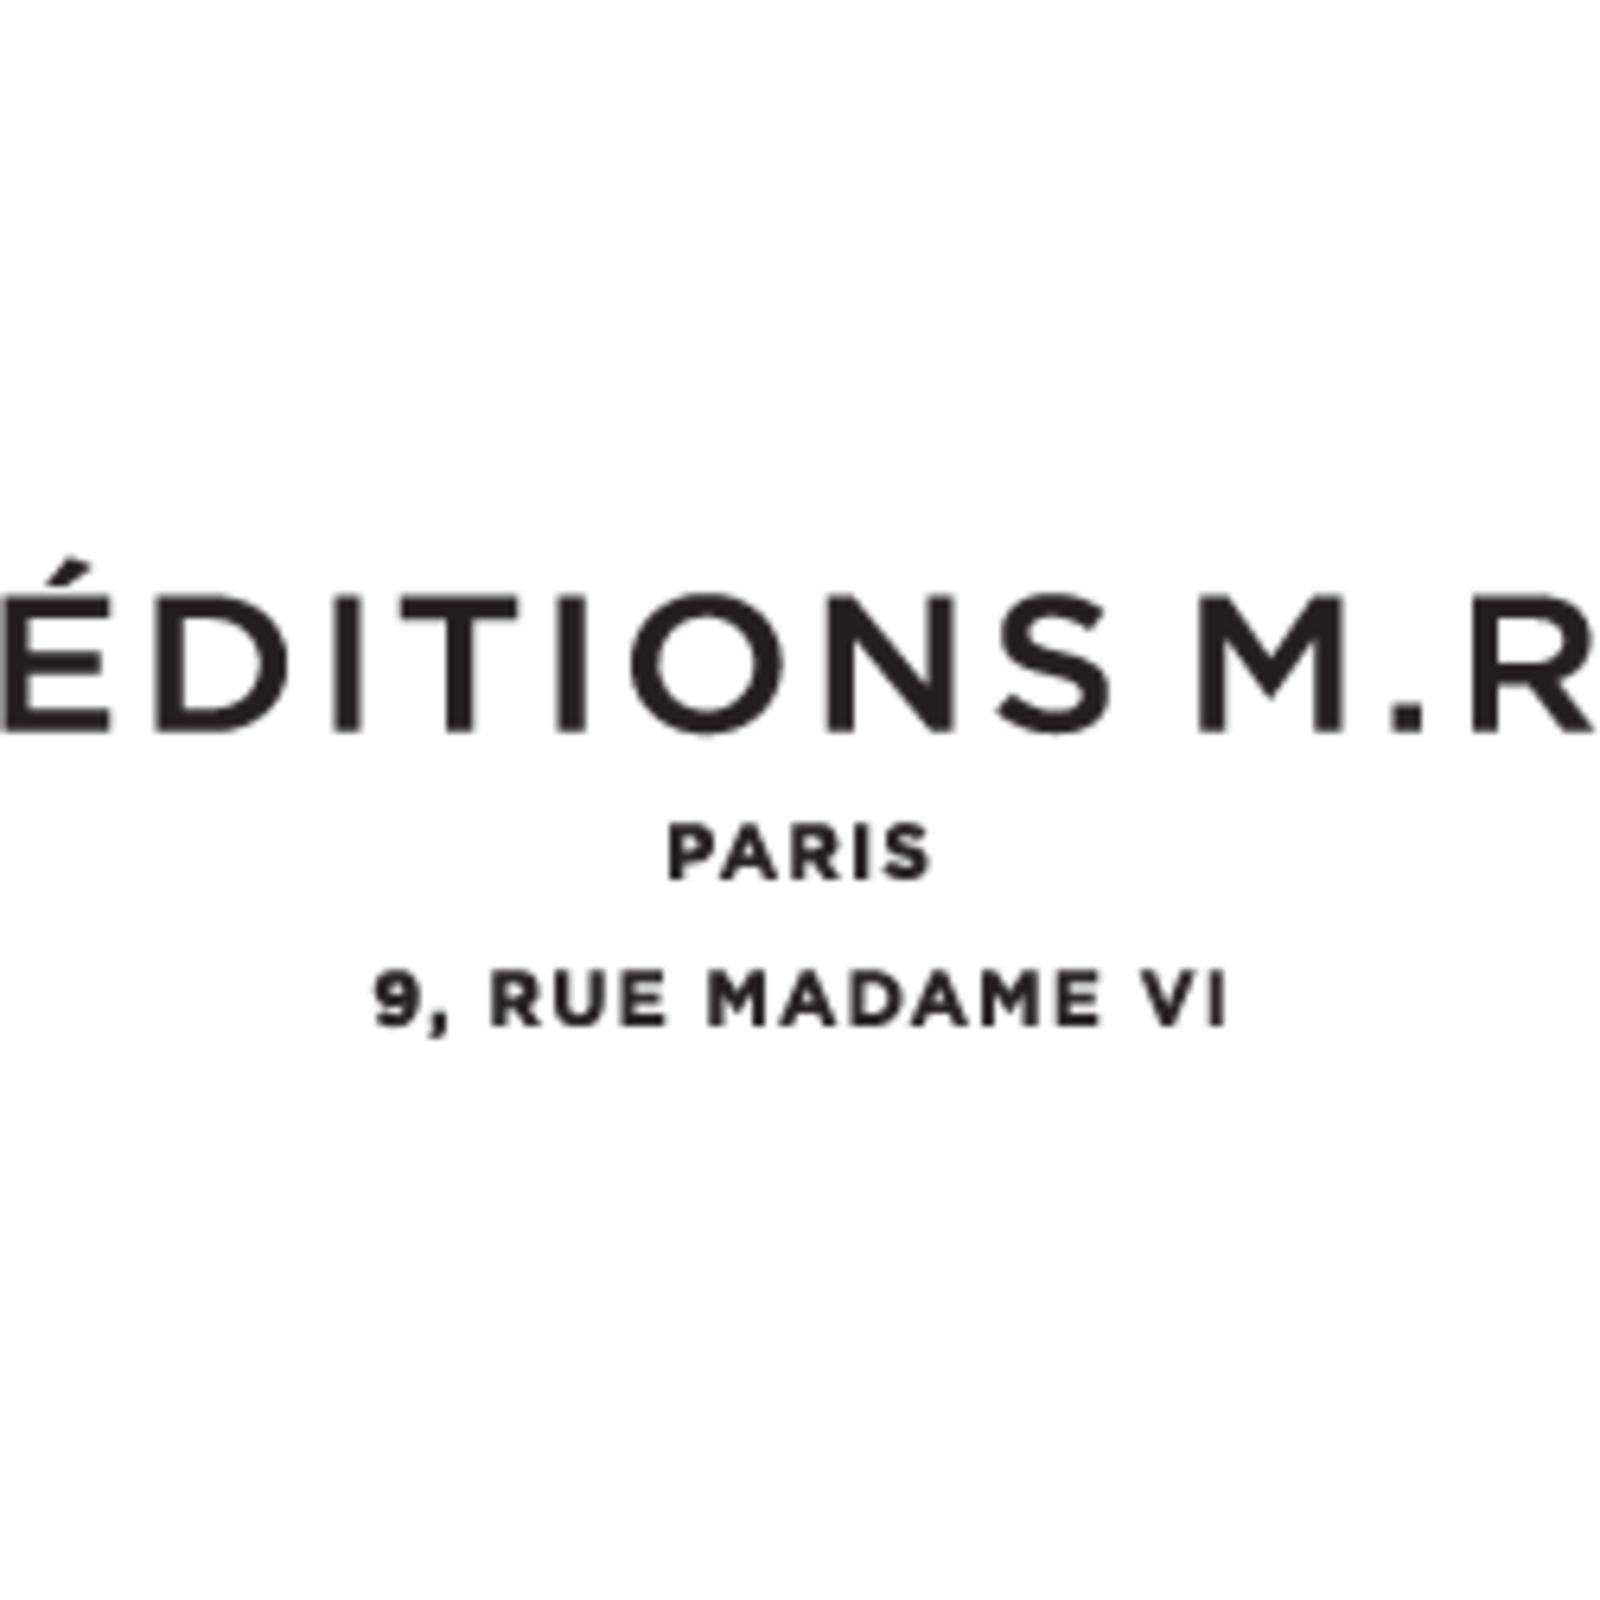 ÉDITIONS M.R.